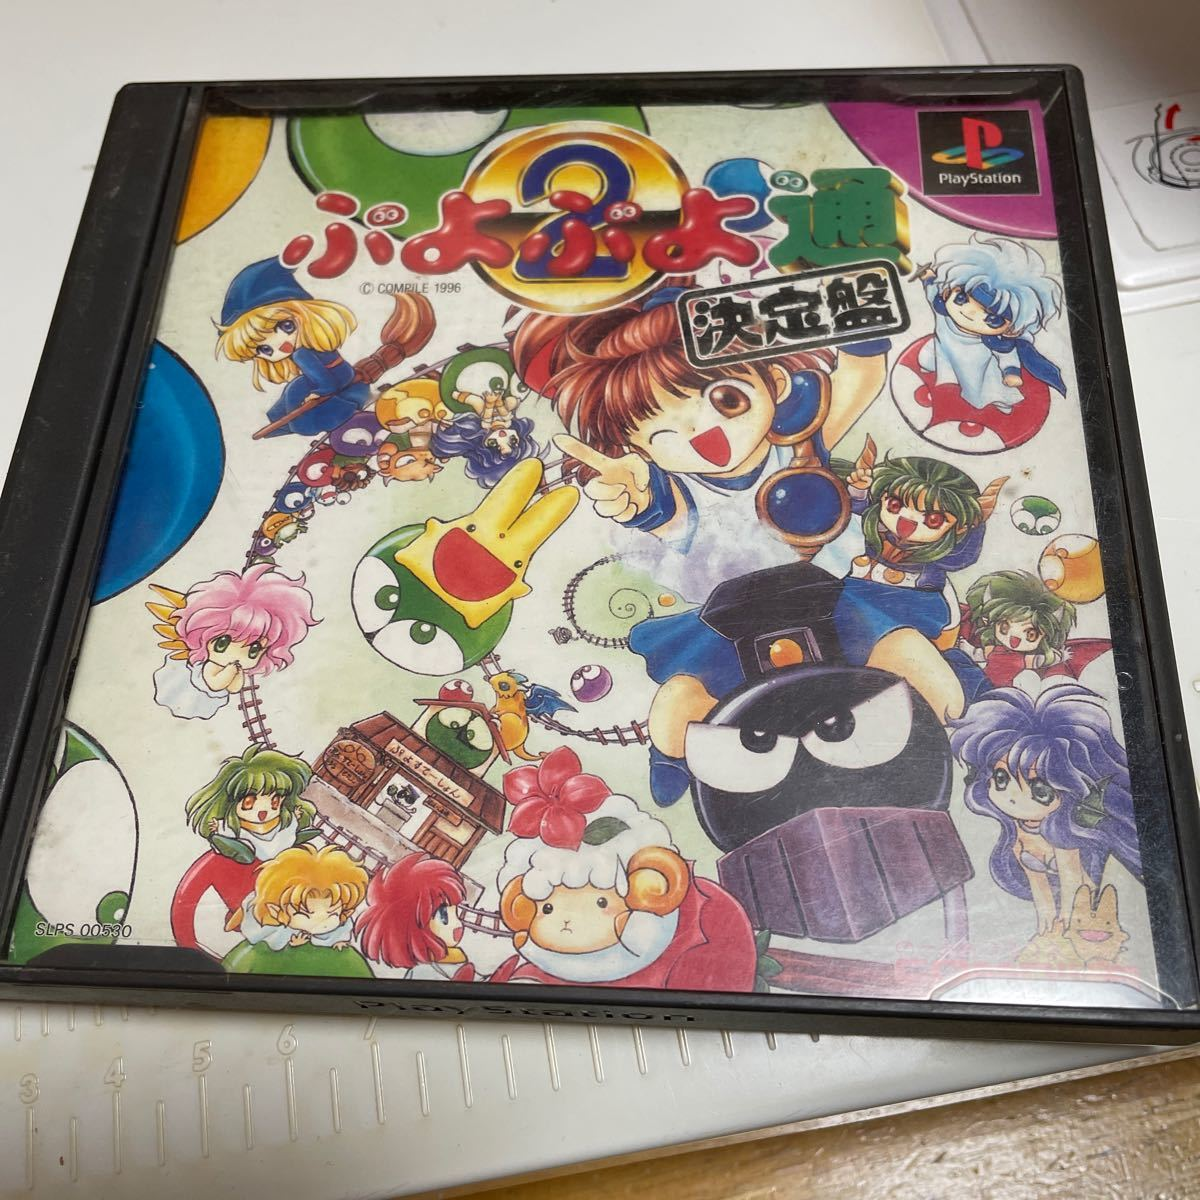 ぷよぷよ通 決定盤 SLPS00530(Playstation)